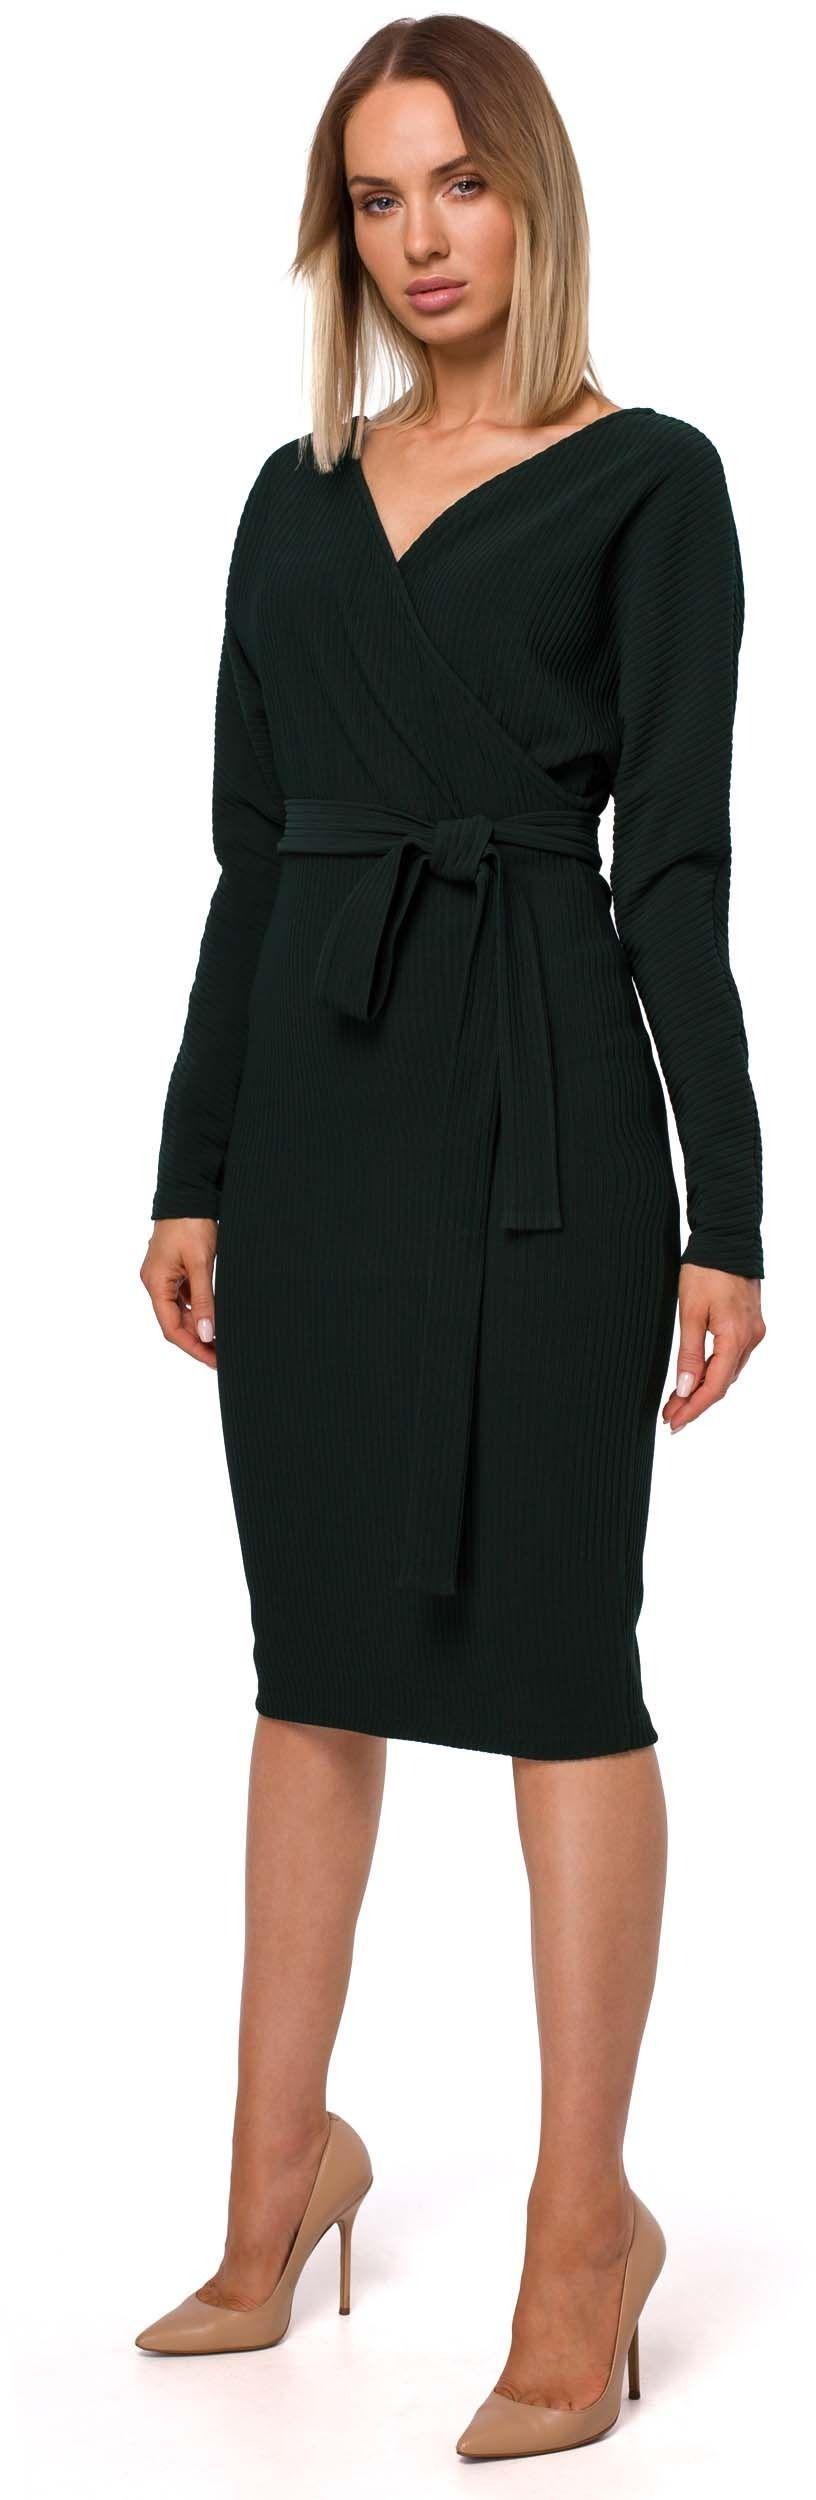 Dzianinowa prążkowana sukienka o kopertowym dekolcie - zielona